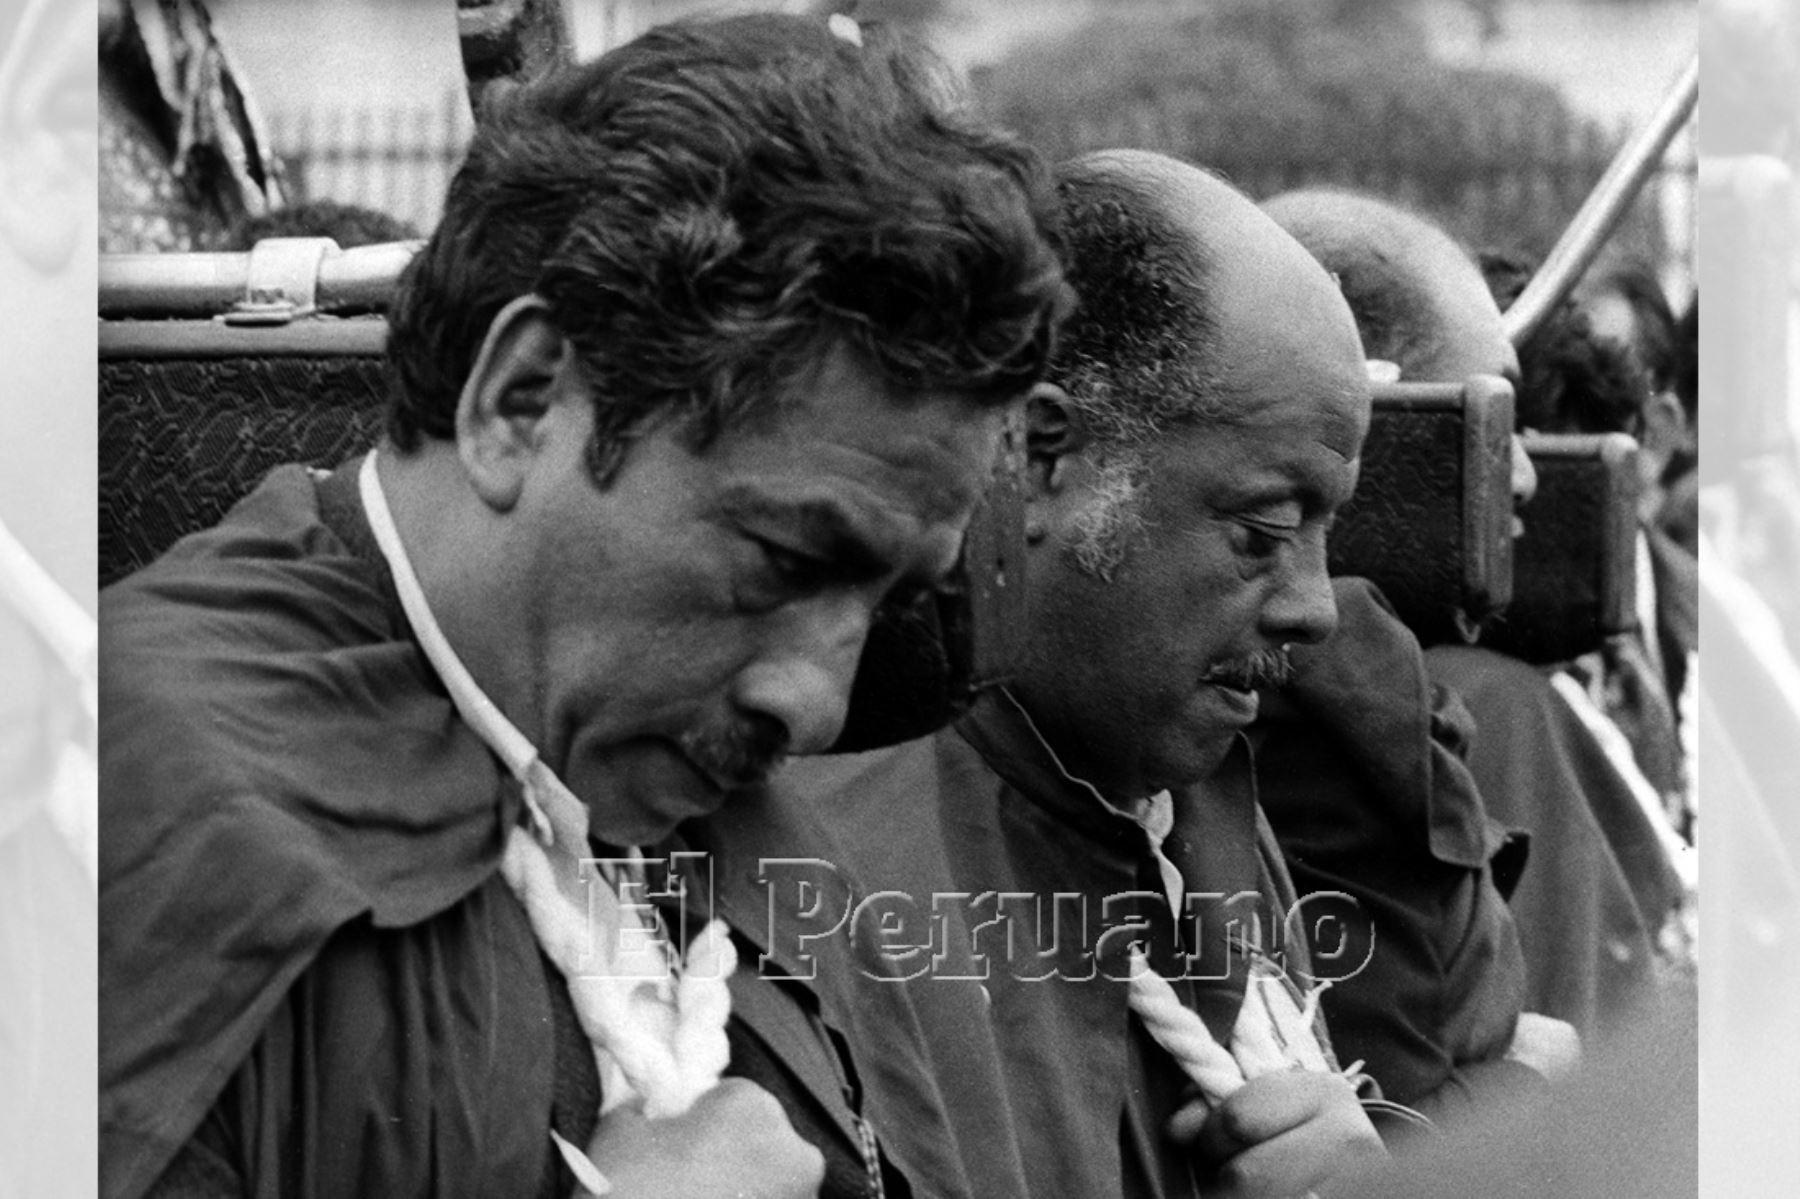 Lima - 18 octubre 1978 / Cuadrilla de cargadores del Señor de los Milagros.  Foto: Archivo Histórico de EL PERUANO